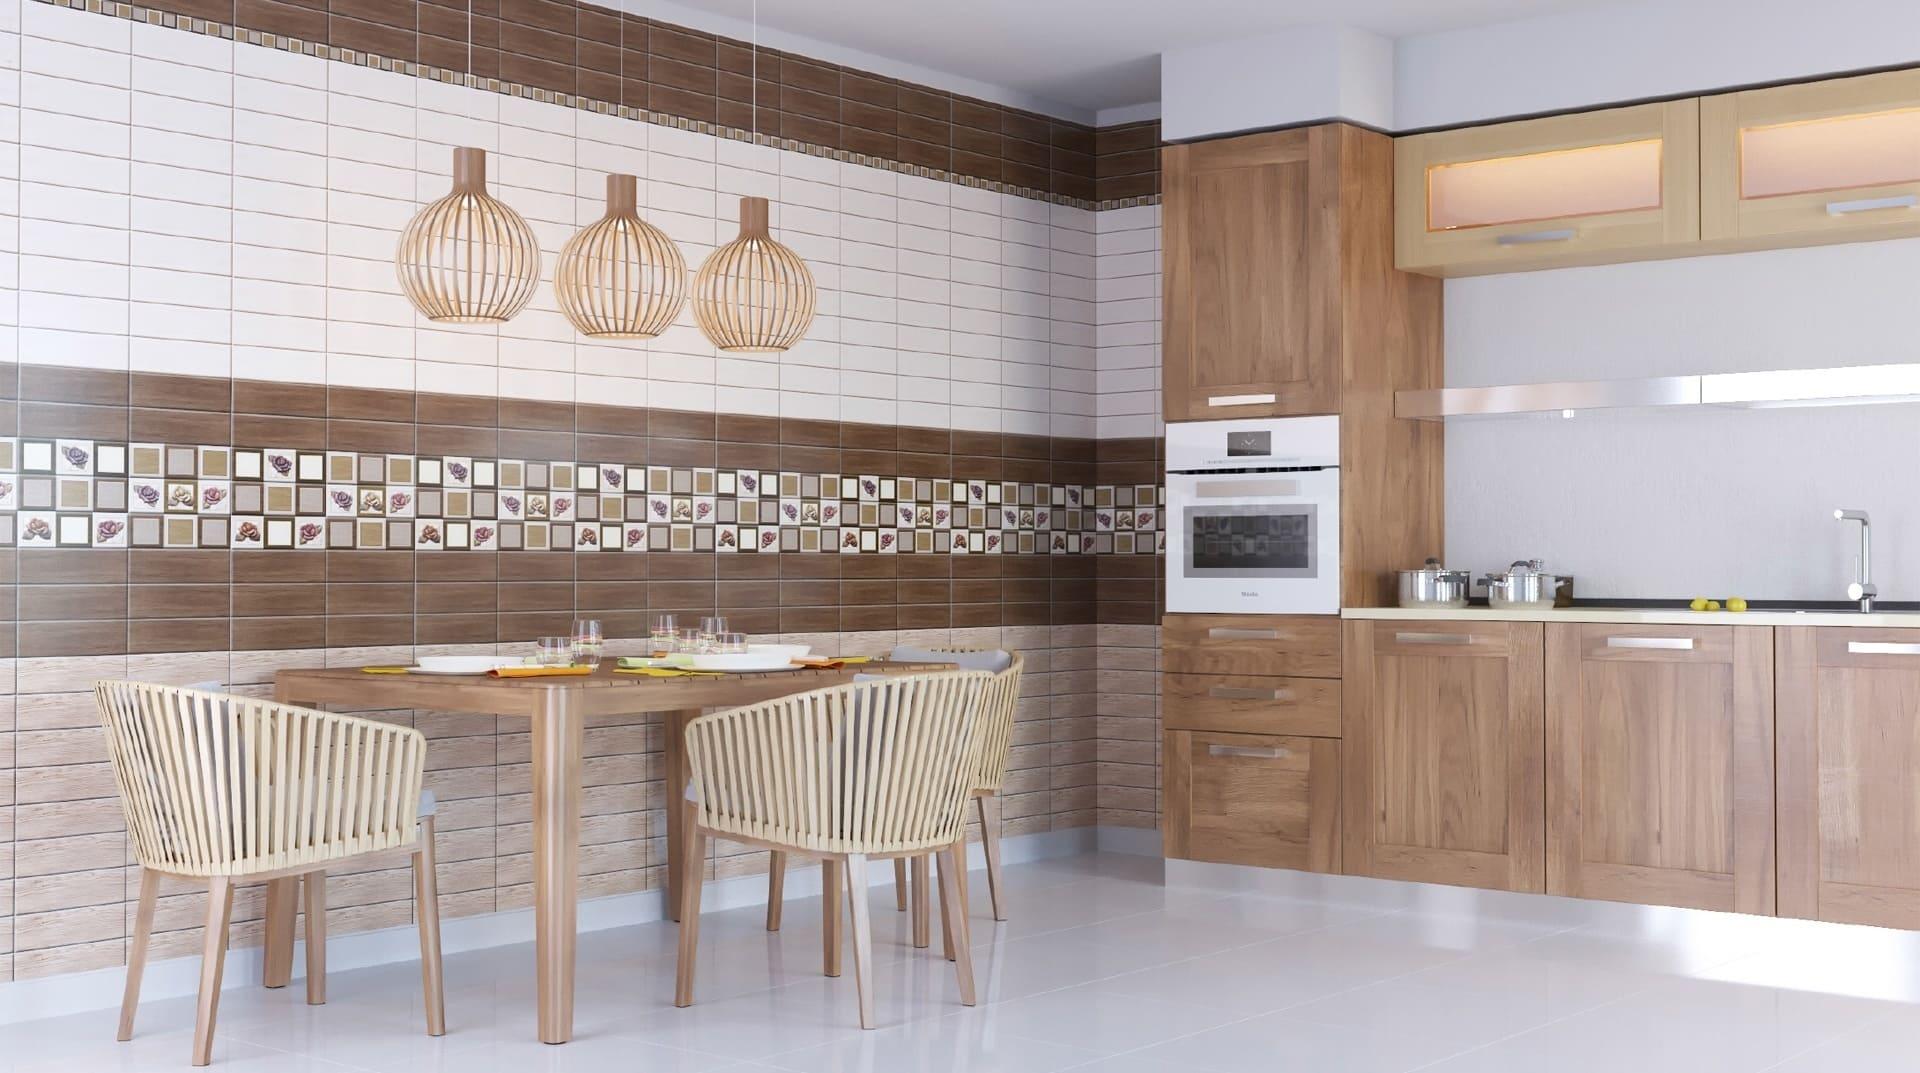 панели ПВХ для отделки стен кухни 12 метров